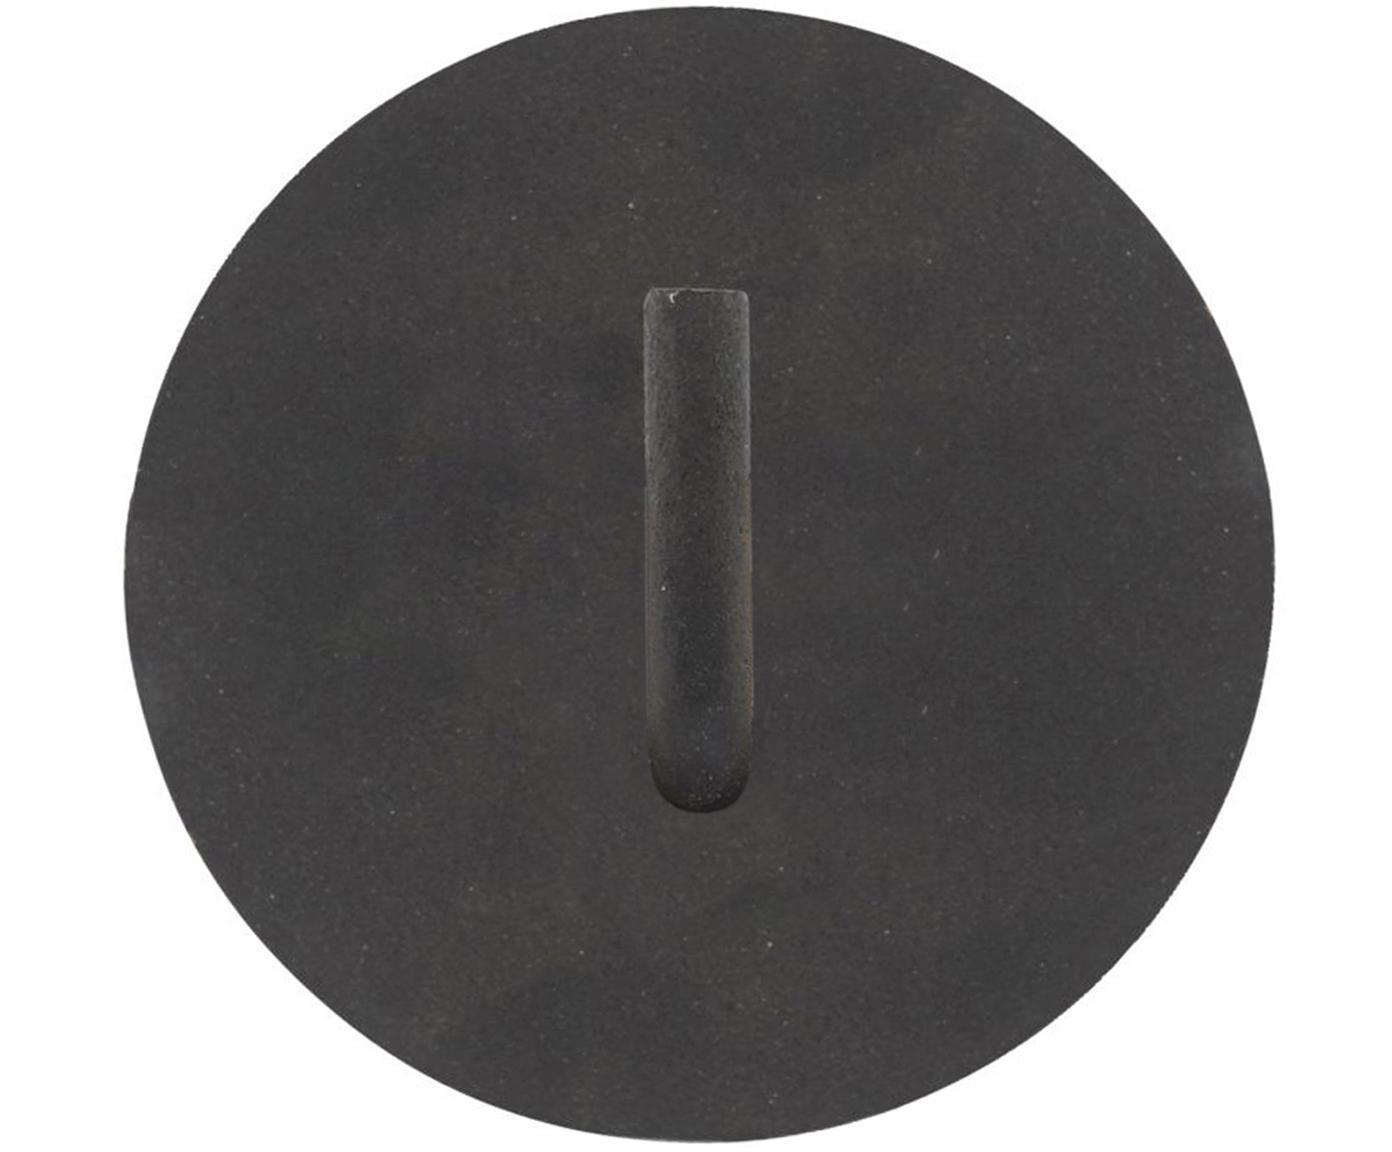 Gancio da parete Lema, Alluminio rivestito, Nero, Ø 13 x Prof. 12 cm